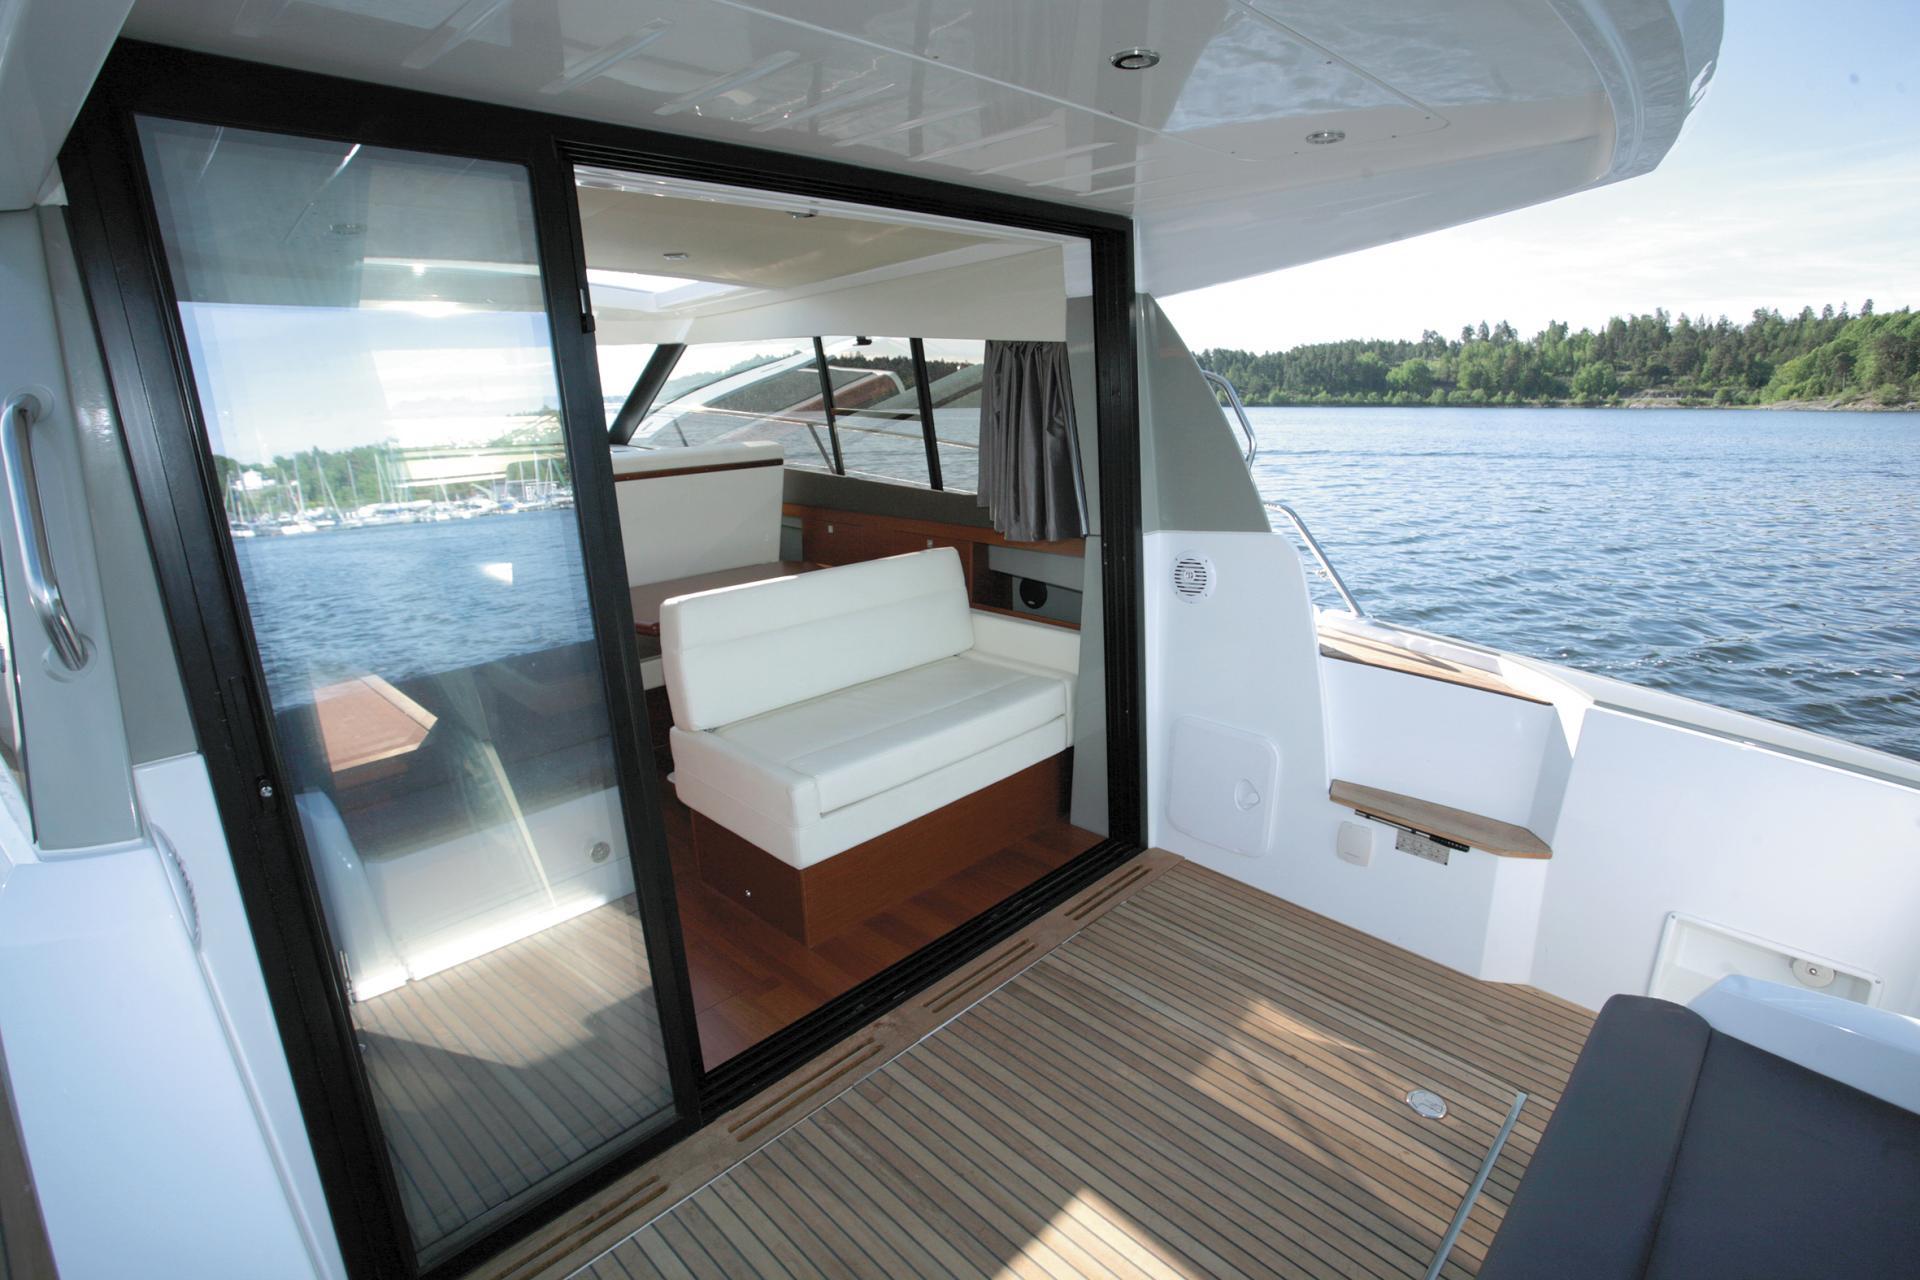 فروش قایق های تفریحی NC 11 (1)